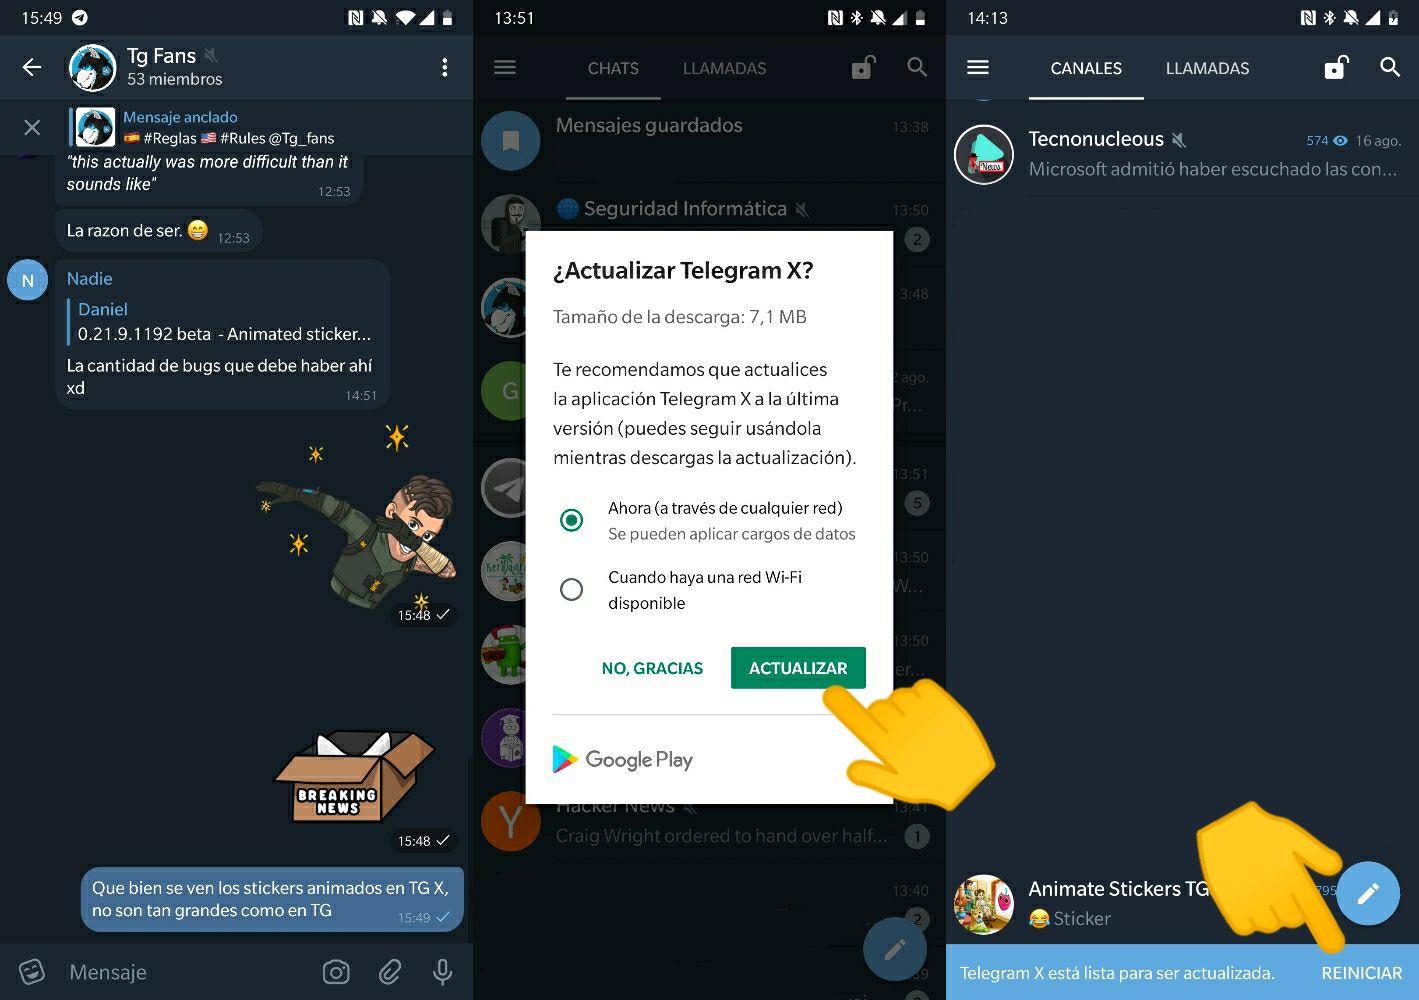 Actualizaciones In-App Telegram X